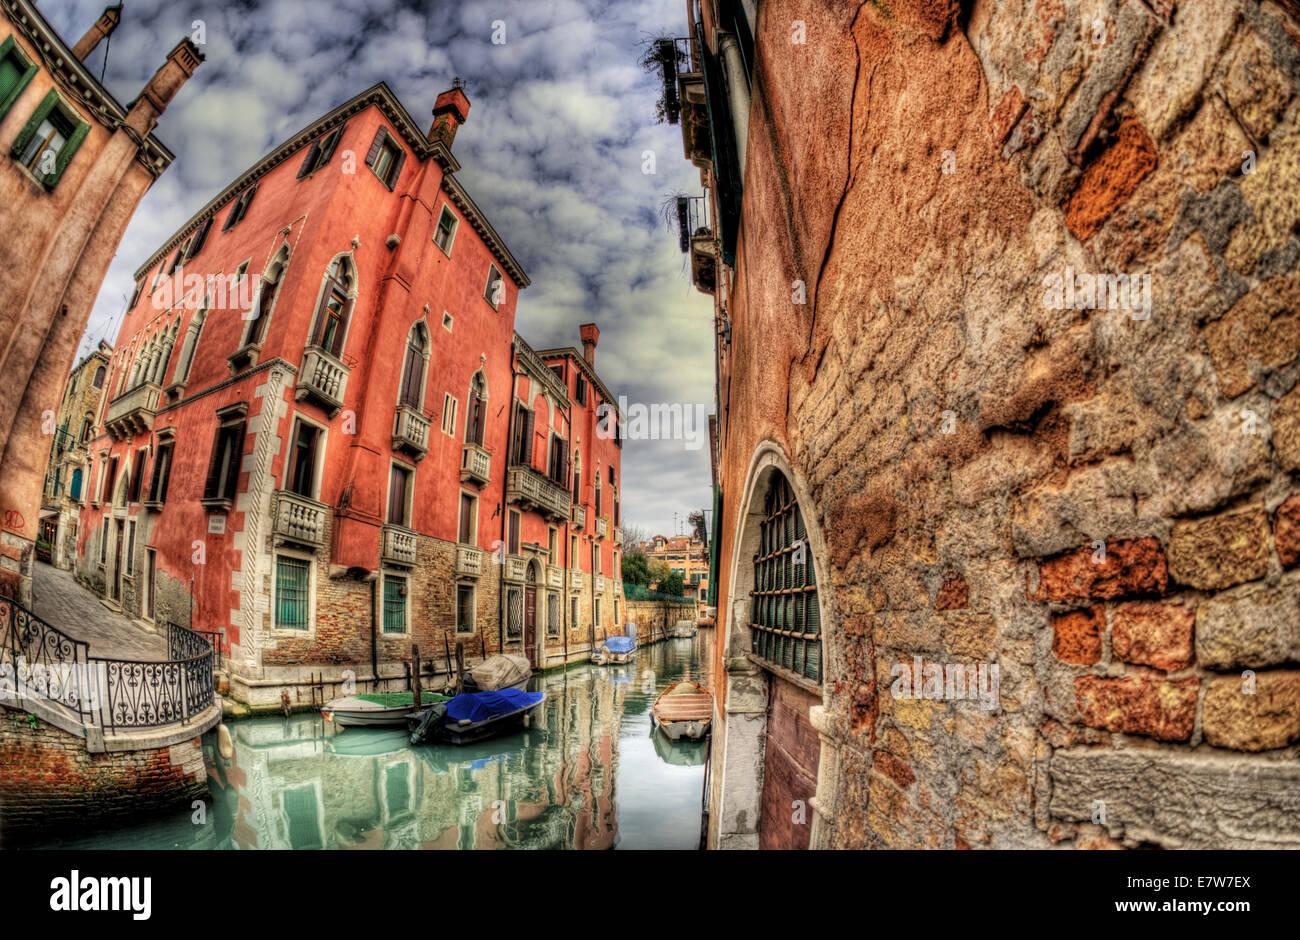 Die Kanal-Szene, Venedig. Ein High-Dynamic-Range (HDR), Bild. Stockbild